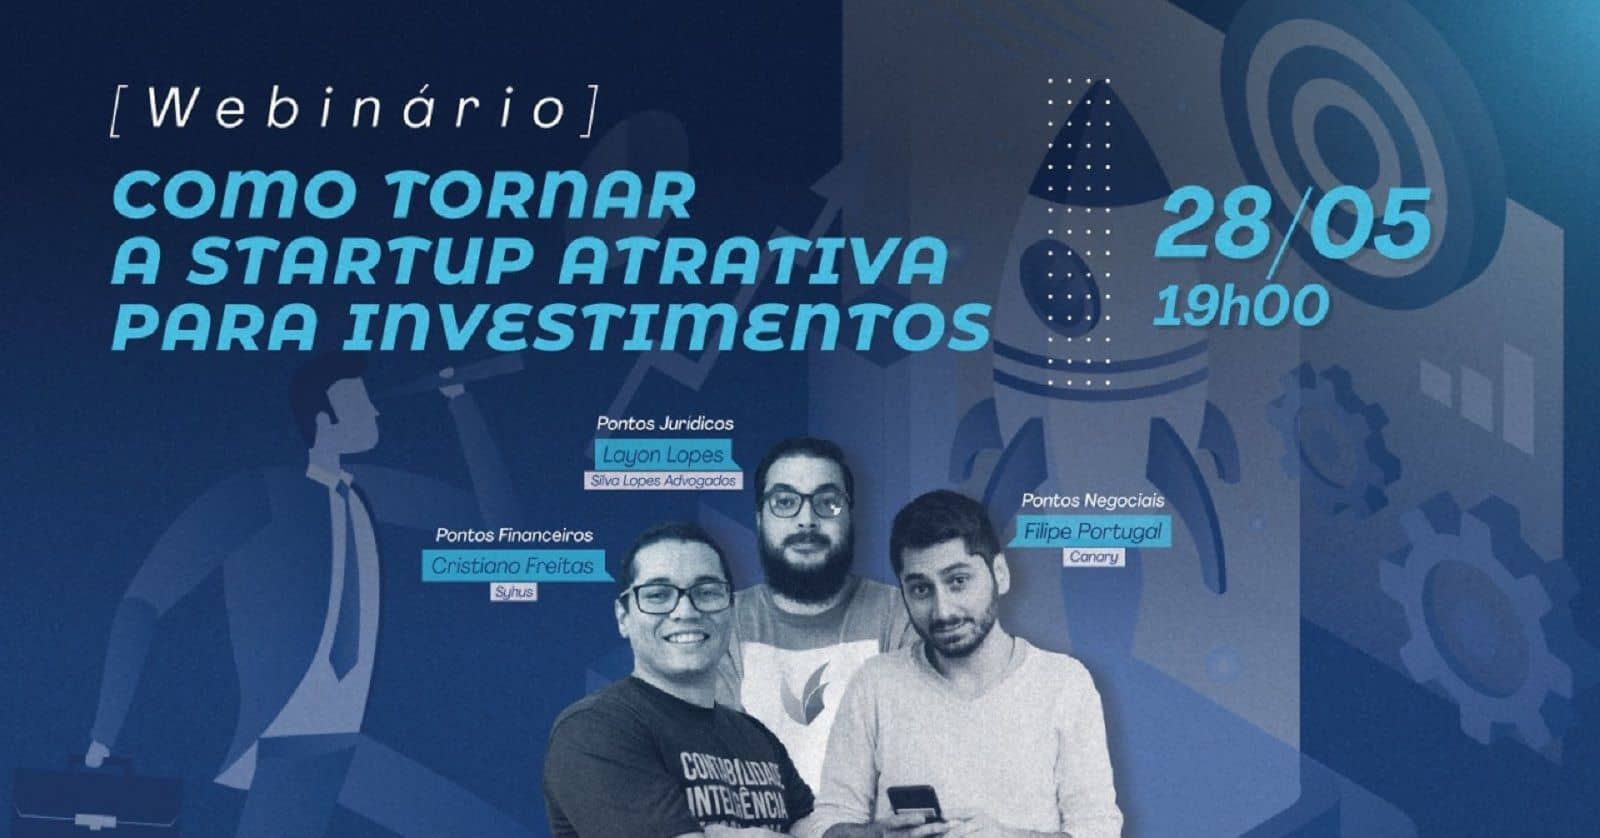 Webinário sobre como tornar uma startup atrativa para investimentos acontece dia 28